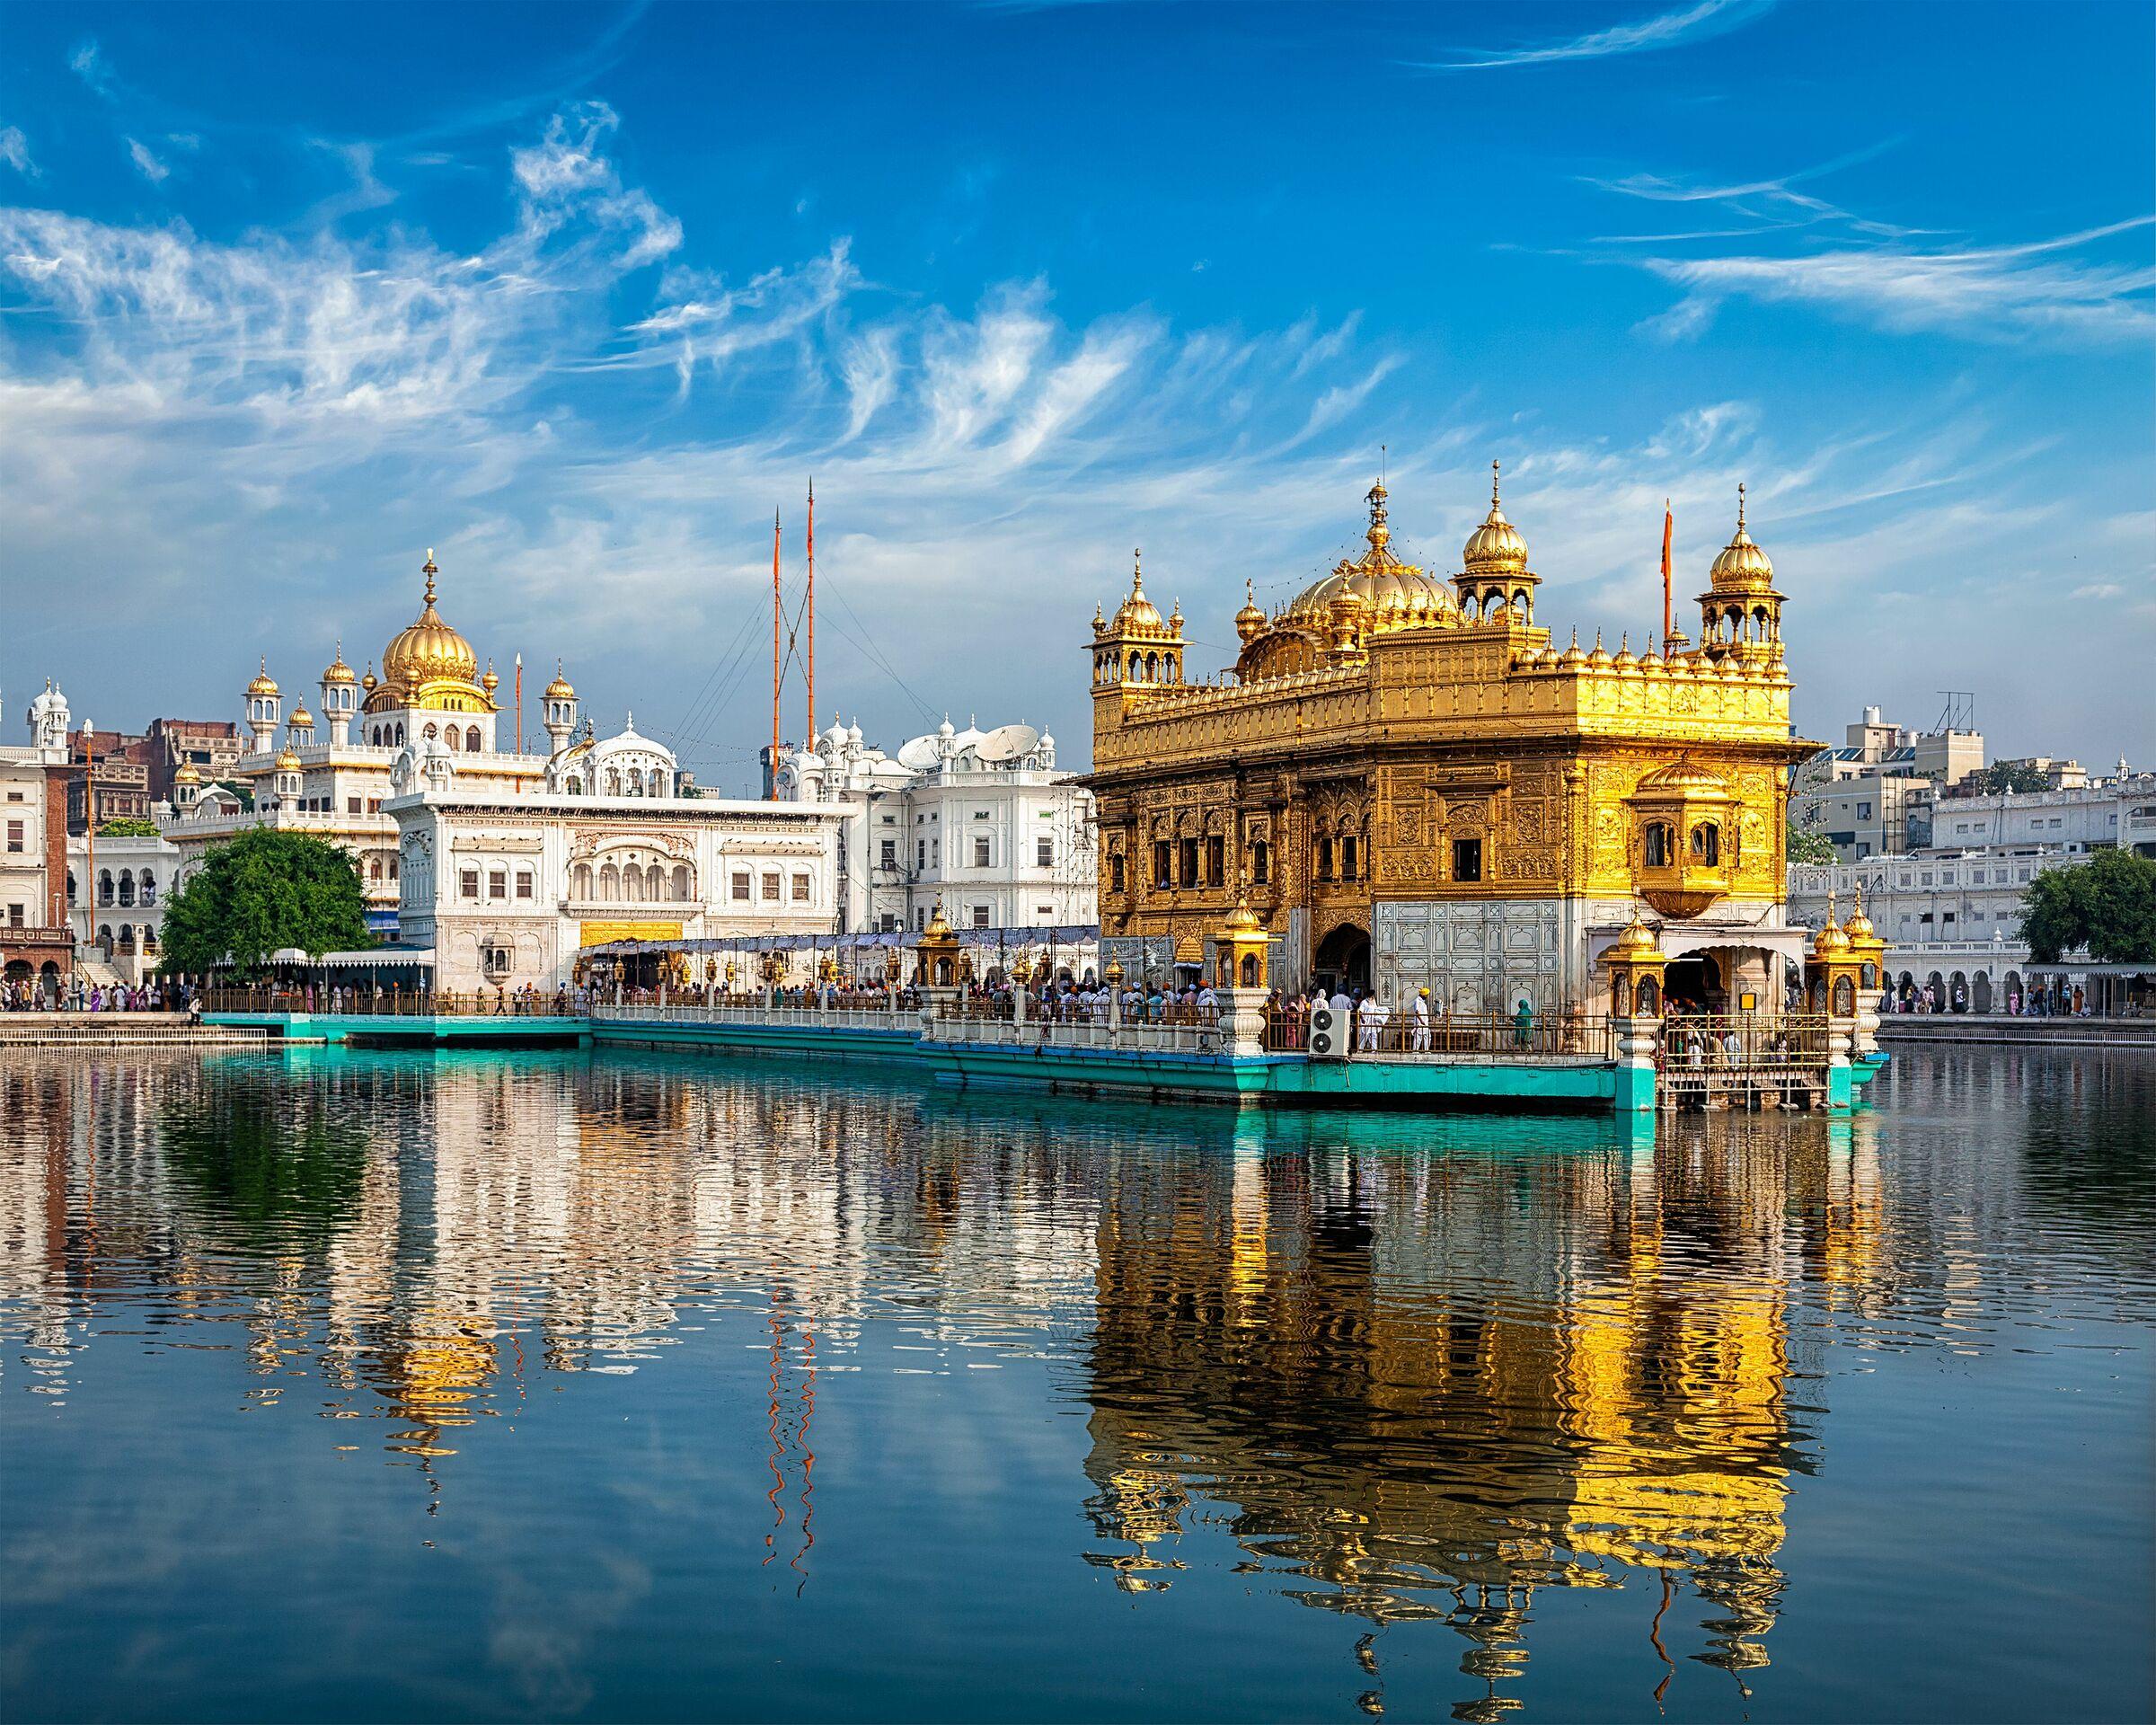 Ở giữa hồ là một gurudwara - nghĩa là cánh cửa dẫn đến chỗ của đạo sư (guru) đối với các tín đồ đạo Sikh. Một cây cầu đưa người hành hương từ gurudwara vào trong đền chính. Ảnh: f9photos/Shutterstock